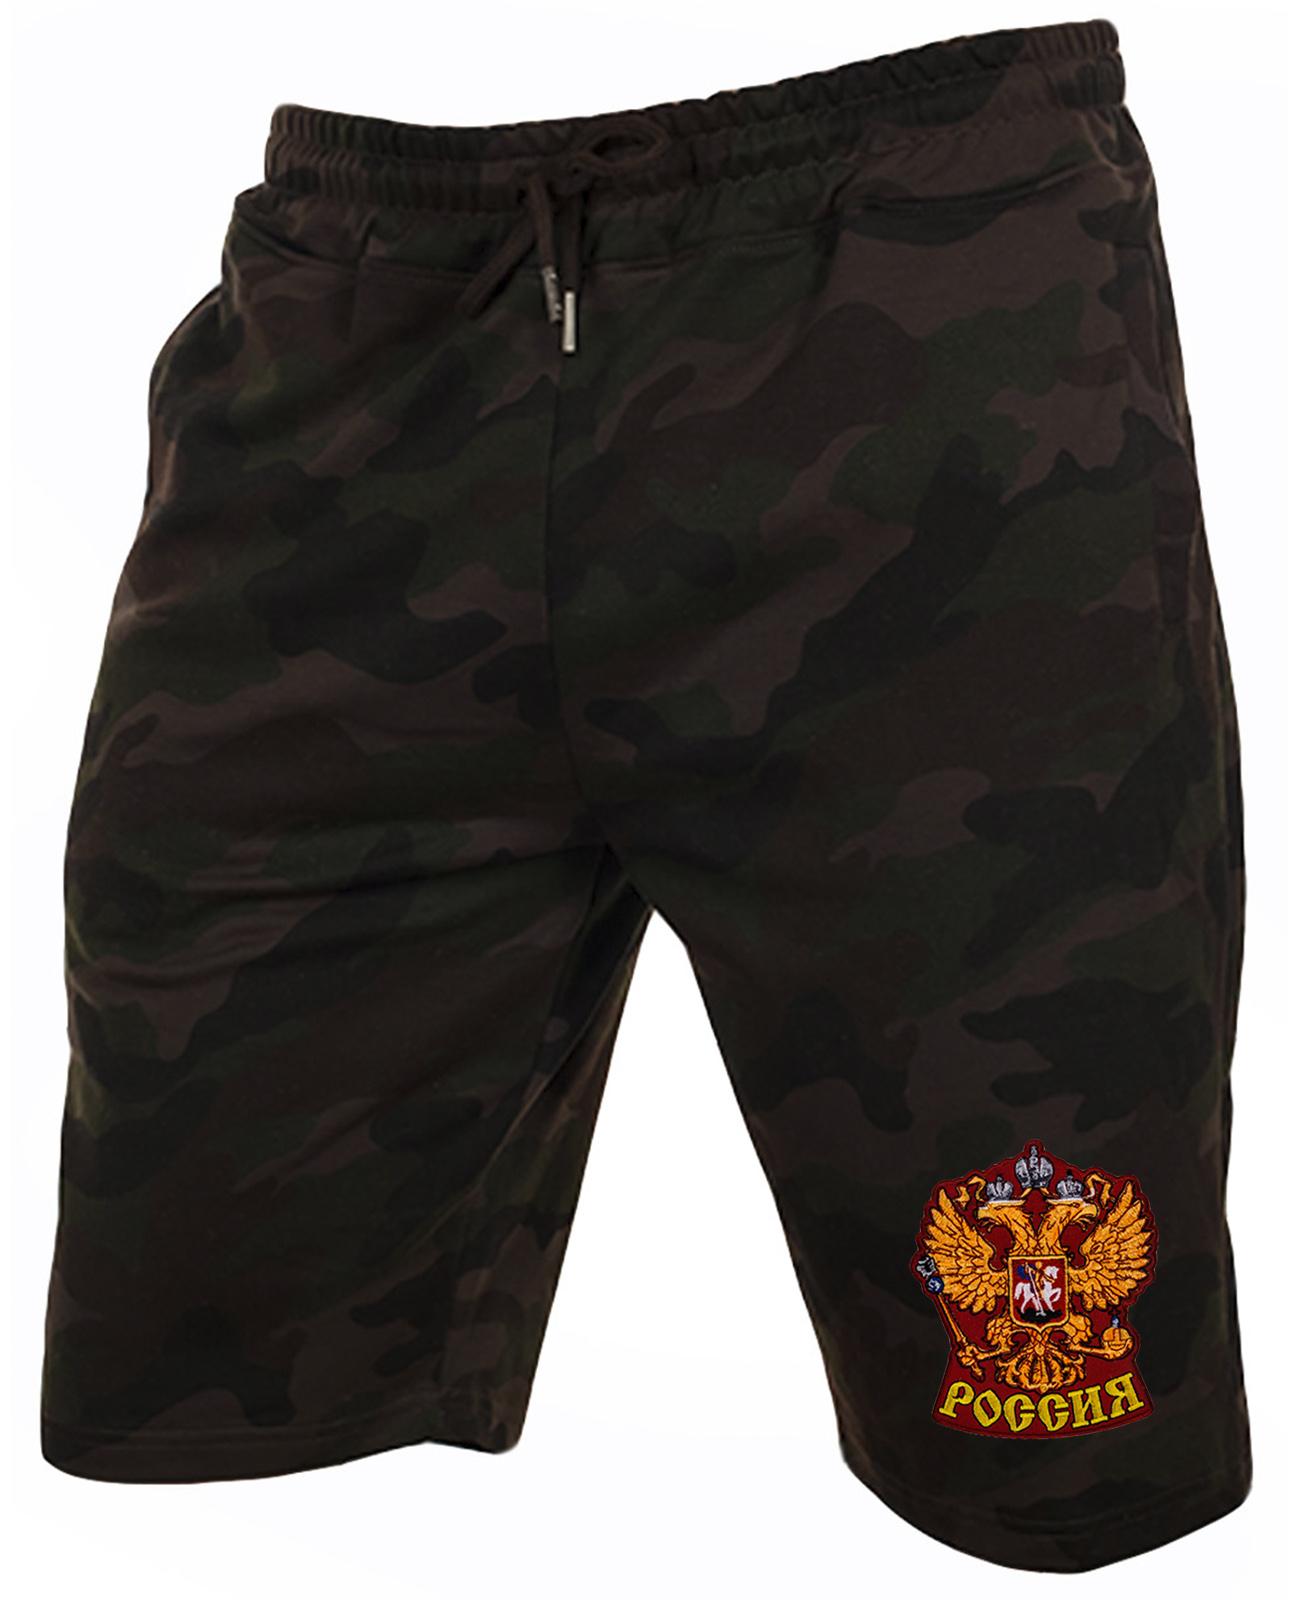 Надежные мужские шорты с нашивкой Россия